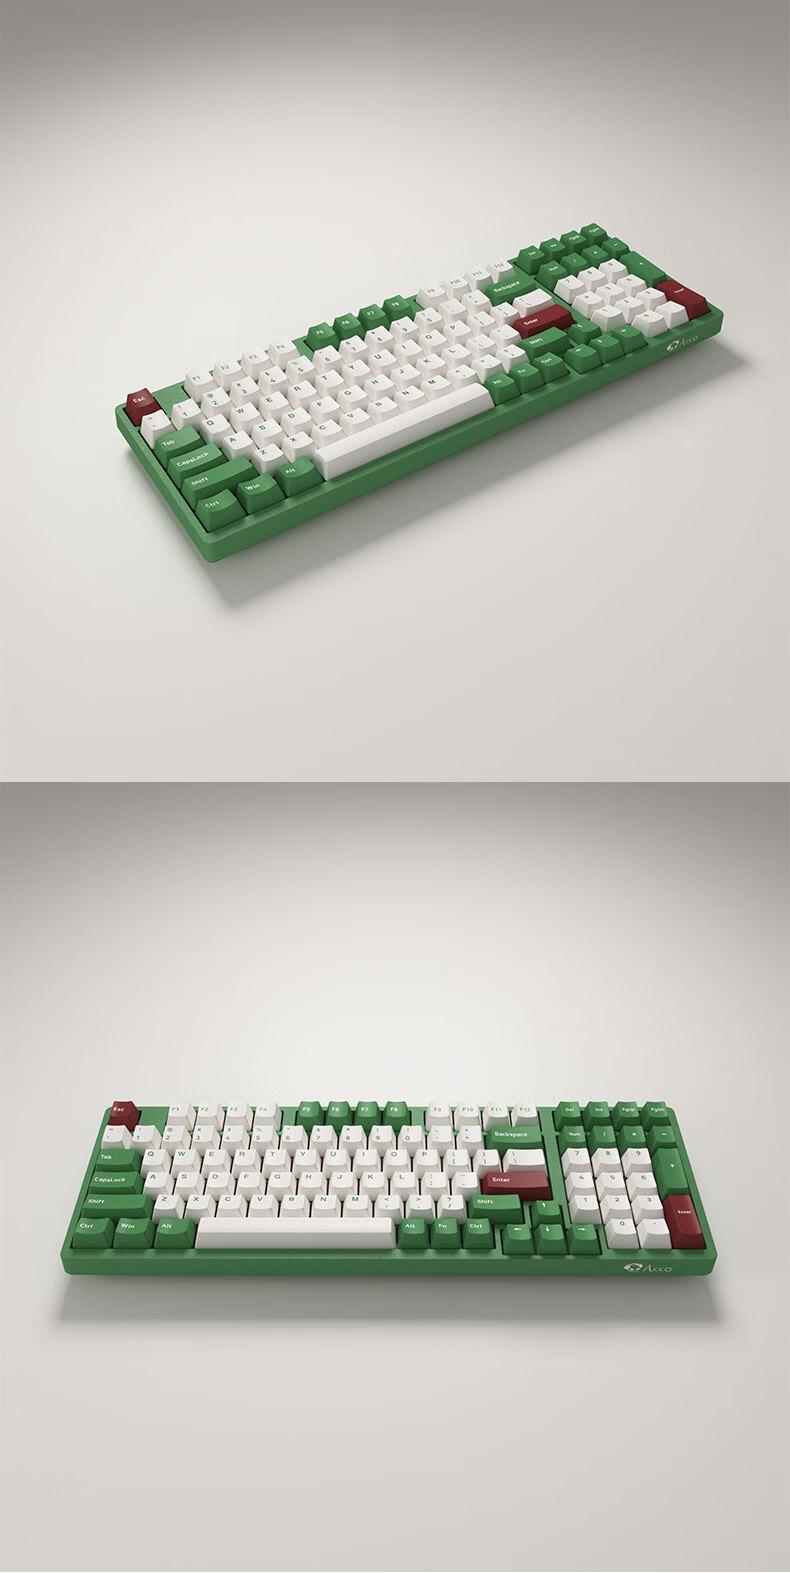 AKKO 3098 DS 红豆抹茶 机械键盘 有线键盘 游戏键盘 电竞 98键 全尺寸 无光 吃鸡键盘 AKKO V2粉轴